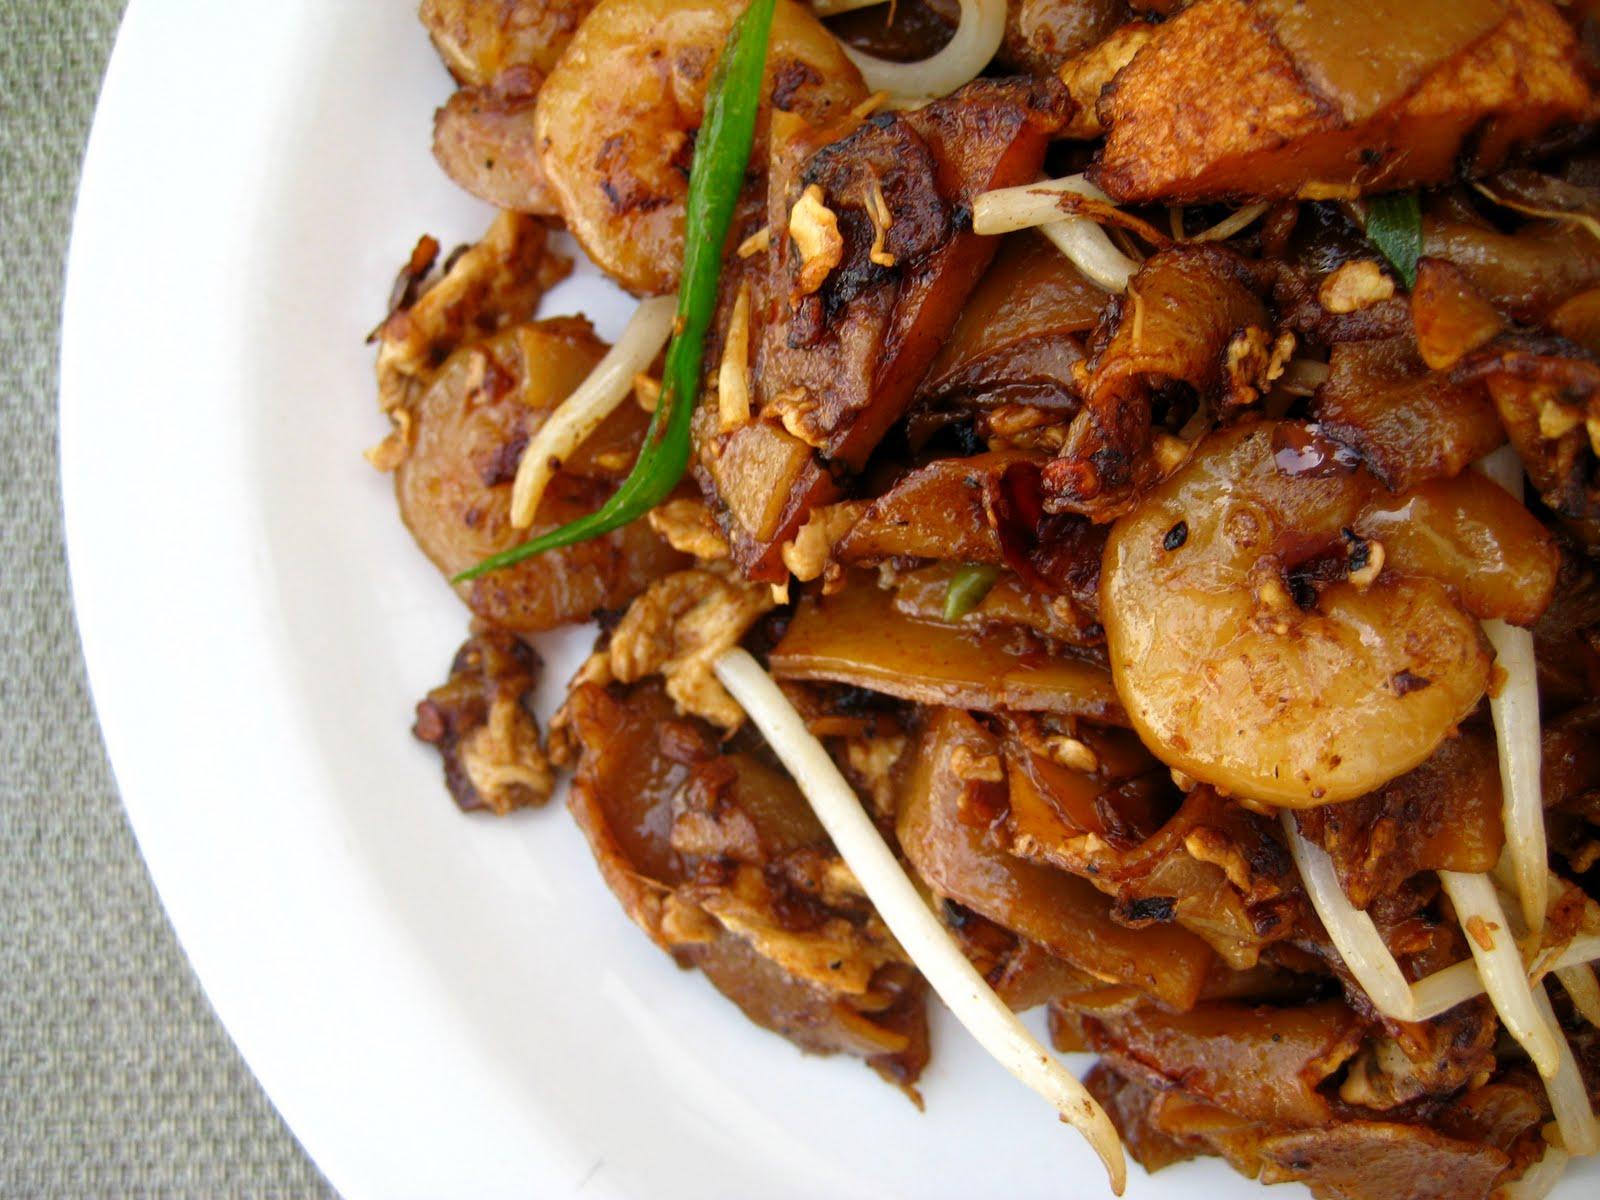 ... Tan's Kitchen: Penang Char Kuay Teow (Stir-Fried Flat Rice Noodles